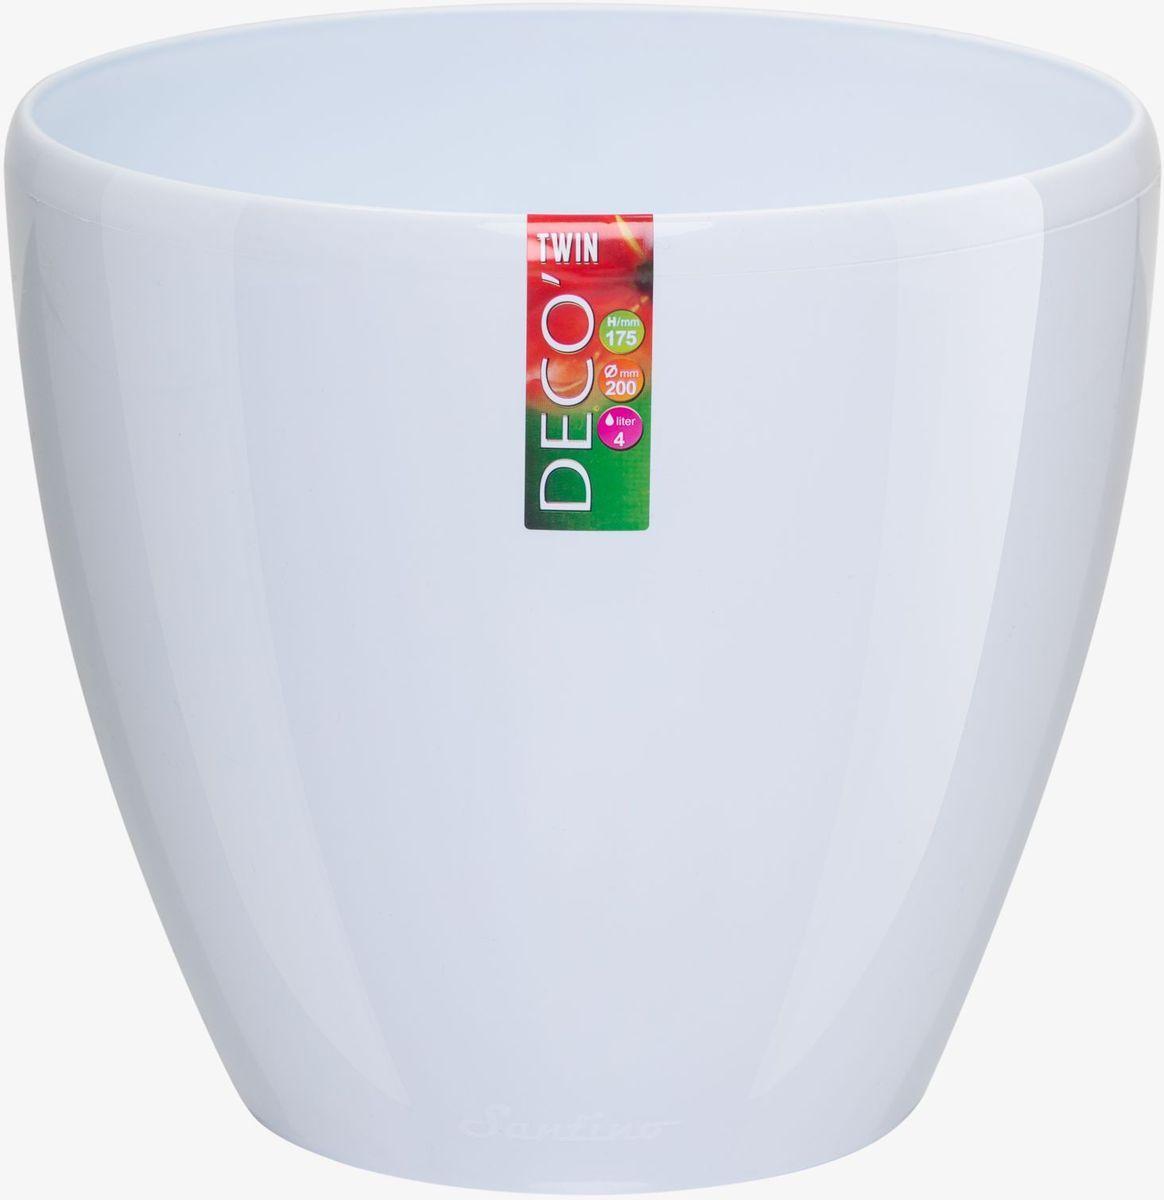 Горшок цветочный Santino Deco Twin, двойной, с системой автополива, цвет: прозрачный, 1,5 л531-101Горшок цветочный Santino Deco Twin снабжен дренажной системой и состоит из кашпо и вазона-вкладыша. Изготовлен из пластика. Особенность: тарелочка или блюдце не нужны. Горшок предназначен для любых растений или цветов. Цветочный дренаж – это система, которая позволяет выводить лишнюю влагу через корневую систему цветка и слой почвы. Растение – это живой организм, следовательно, ему необходимо дышать. В доступе к кислороду нуждаются все части растения: -листья; -корневая система. Если цветовод по какой-либо причине зальет цветок водой, то она буквально вытеснит из почвенного слоя все пузырьки кислорода. Анаэробная среда способствует развитию различного рода бактерий. Безвоздушная среда приводит к загниванию корневой системы, цветок в результате увядает. Суть работы дренажной системы заключается в том, чтобы осуществлять отвод лишней влаги от растения и давать возможность корневой системе дышать без проблем. Следовательно, каждому цветку необходимо: -иметь в основании цветочного горшочка хотя бы одно небольшое дренажное отверстие. Оно необходимо для того, чтобы через него выходила лишняя вода, плюс ко всему это отверстие дает возможность циркулировать воздух. -на самом дне горшка необходимо выложить слоем в 2-5 см (зависит от вида растения) дренаж.УВАЖАЕМЫЕ КЛИЕНТЫ!Обращаем ваше внимание на тот факт, что фото изделия служит для визуального восприятия товара. Литраж и размеры, представленные на этикетке товара, могут по факту отличаться от реальных. Корректные данные в поле Размеры.